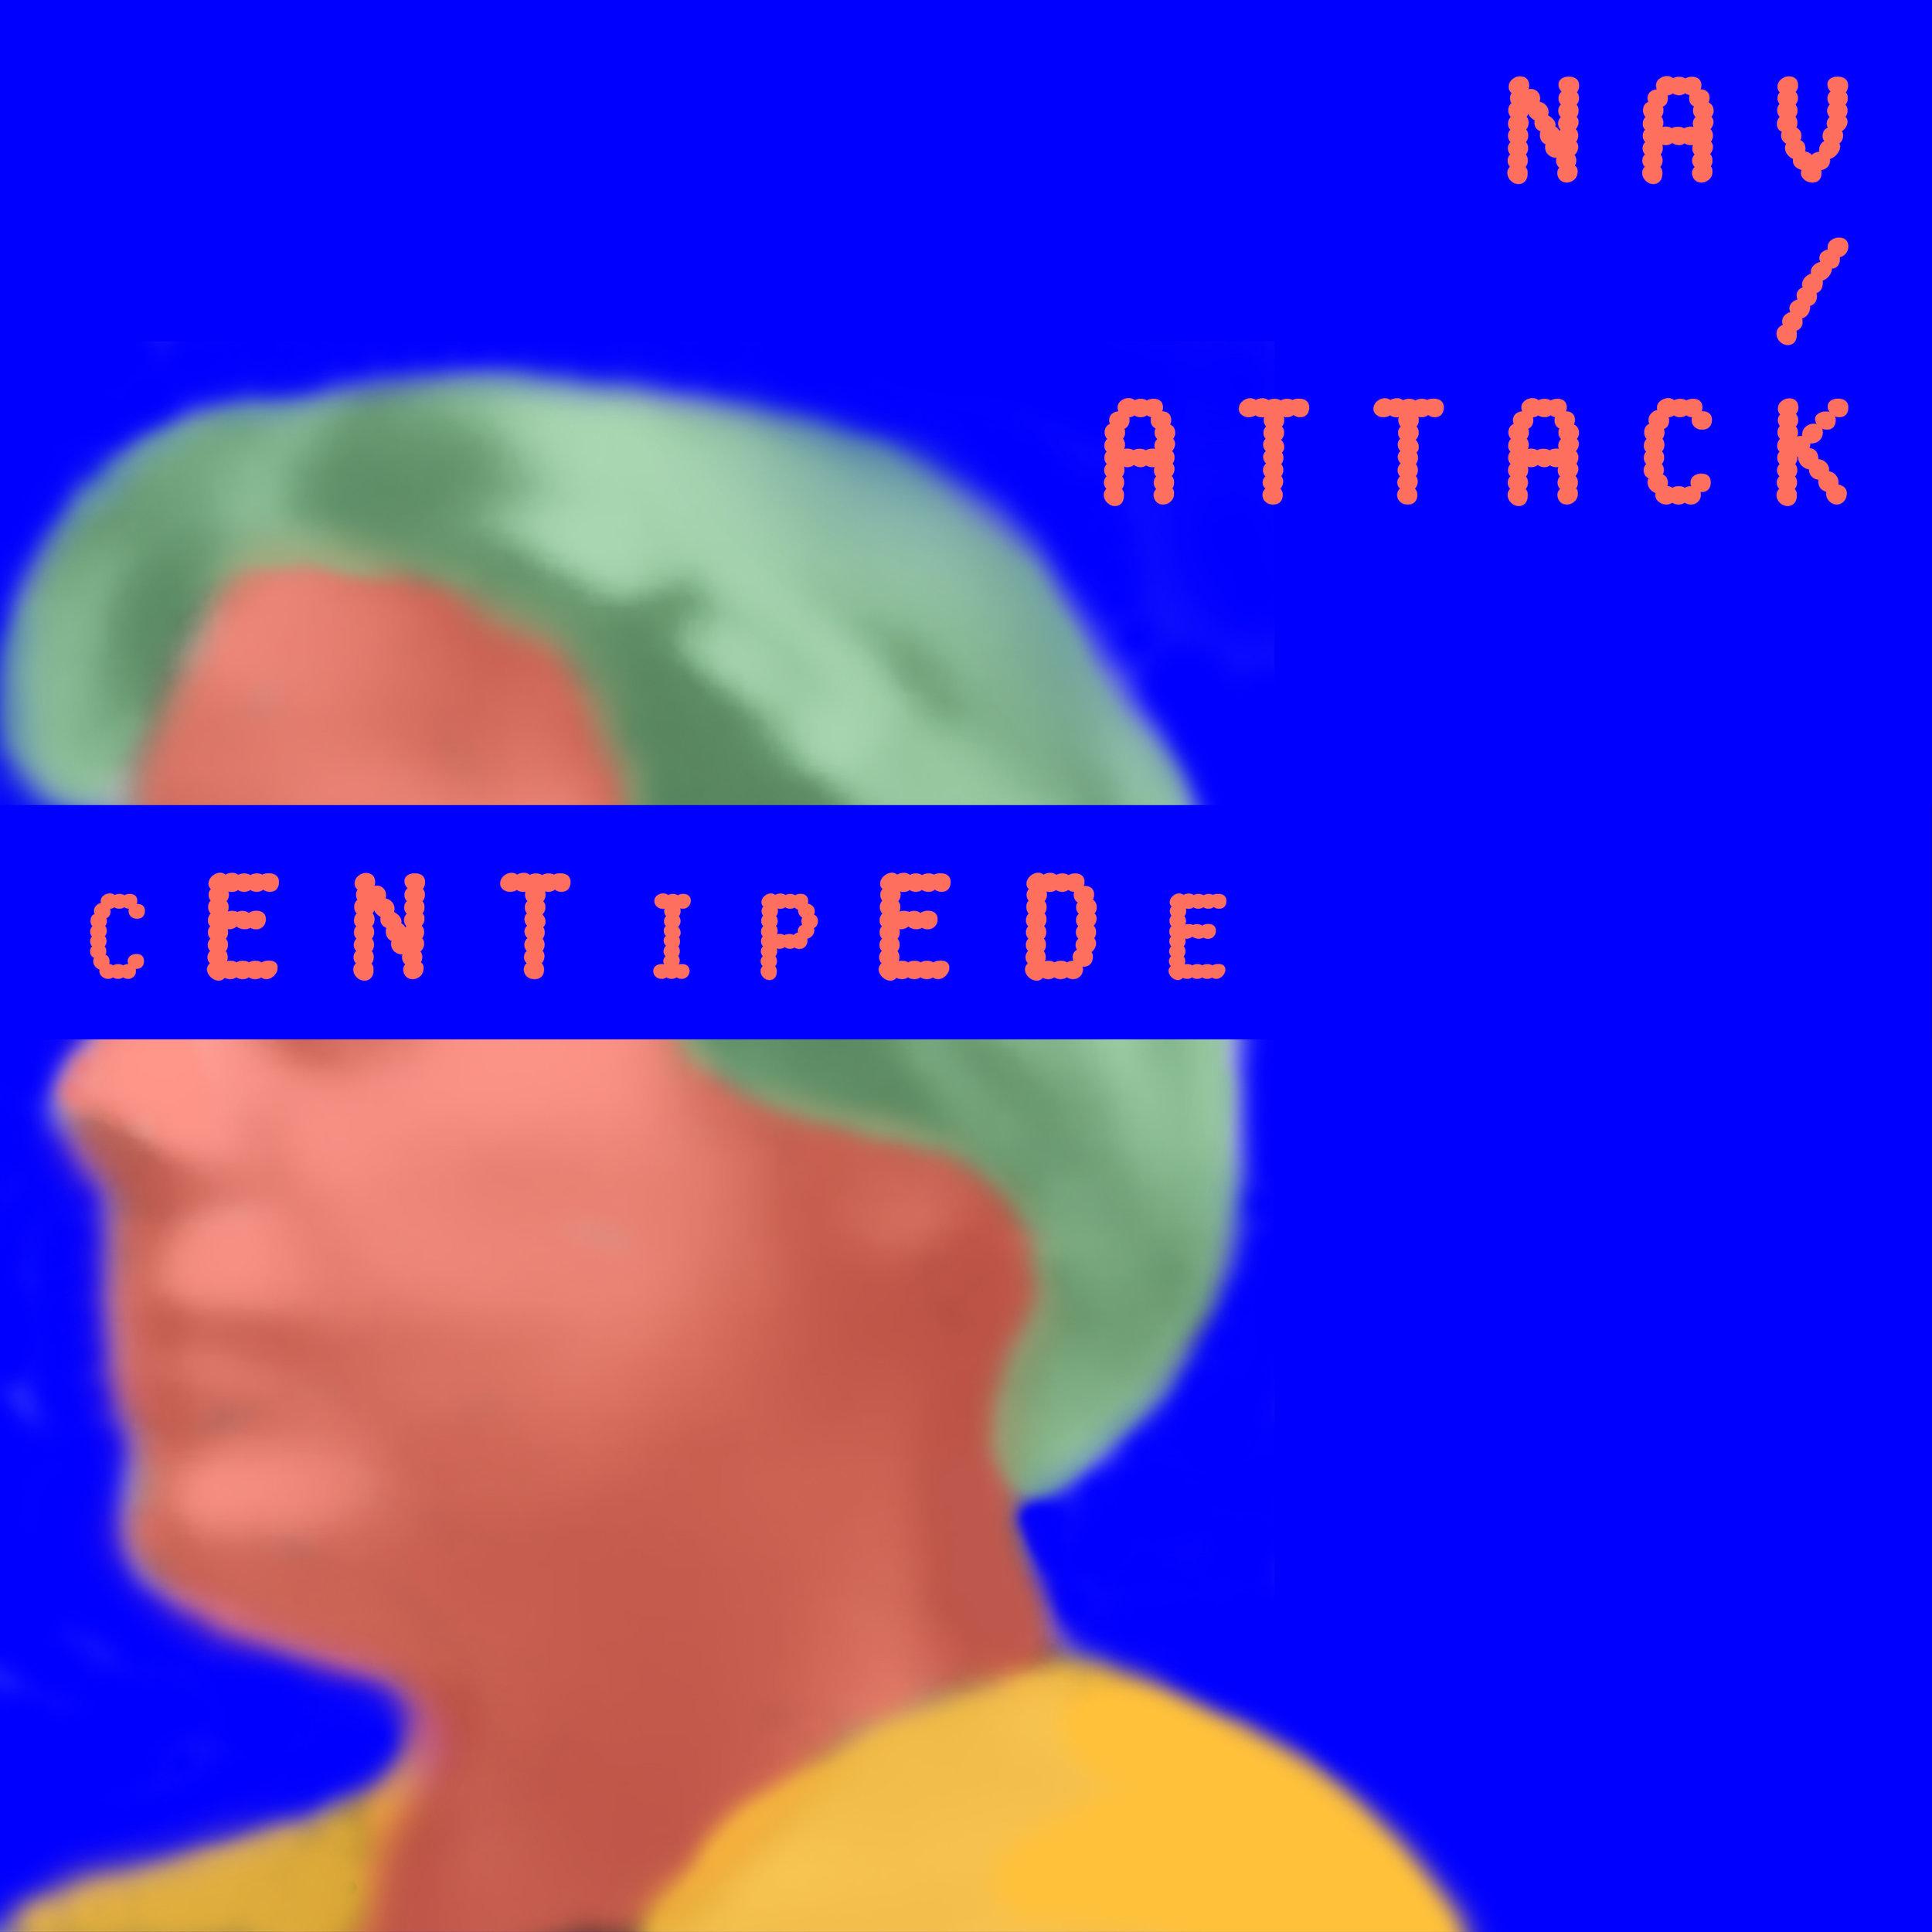 Centipede Single Cover alt.jpg